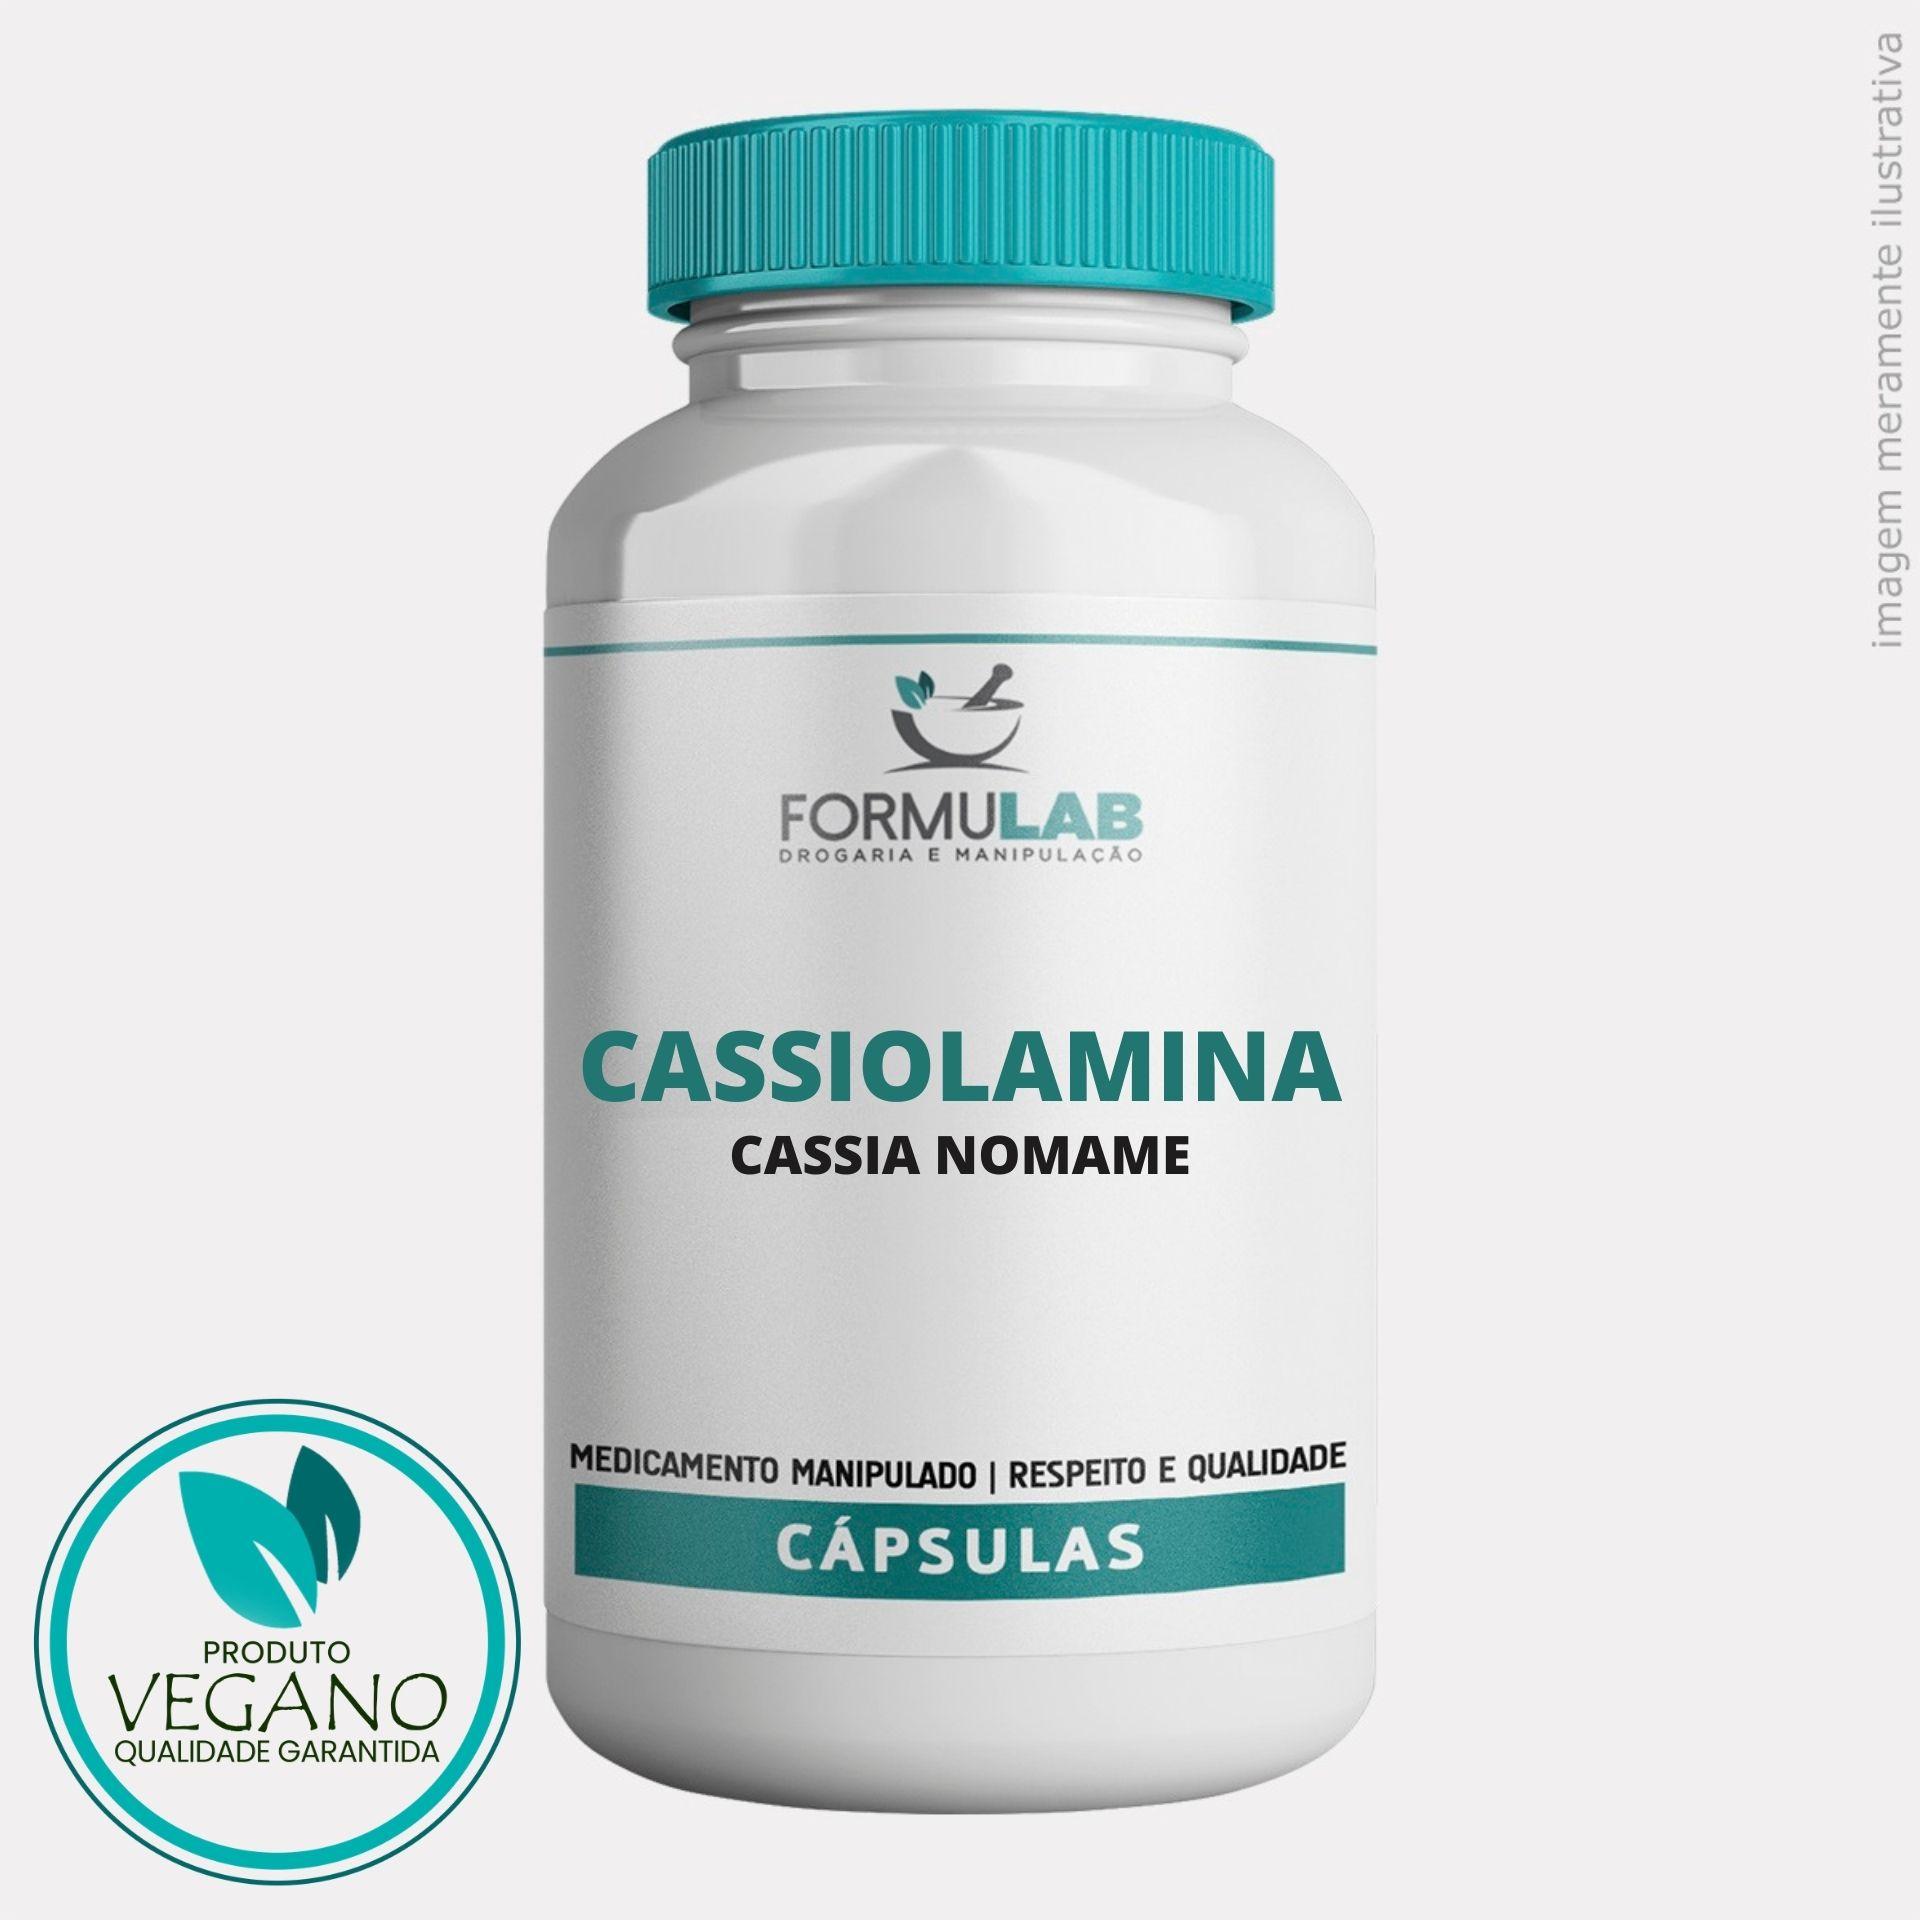 Cassiolamina 500mg - Cassia Nomame VEGAN